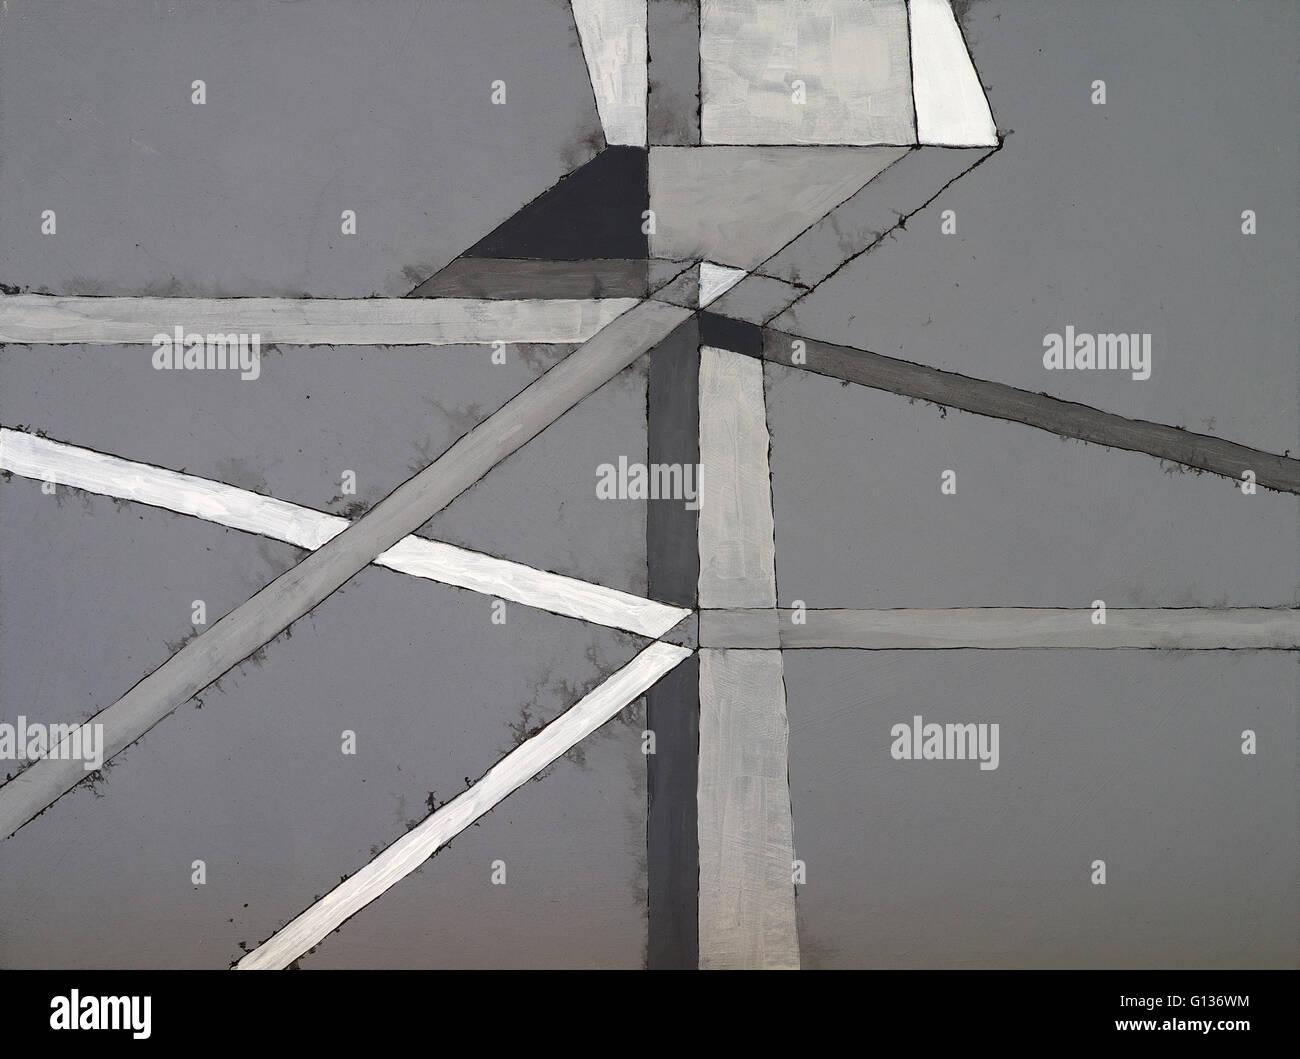 Une peinture abstraite géométrique monochrome Banque D'Images